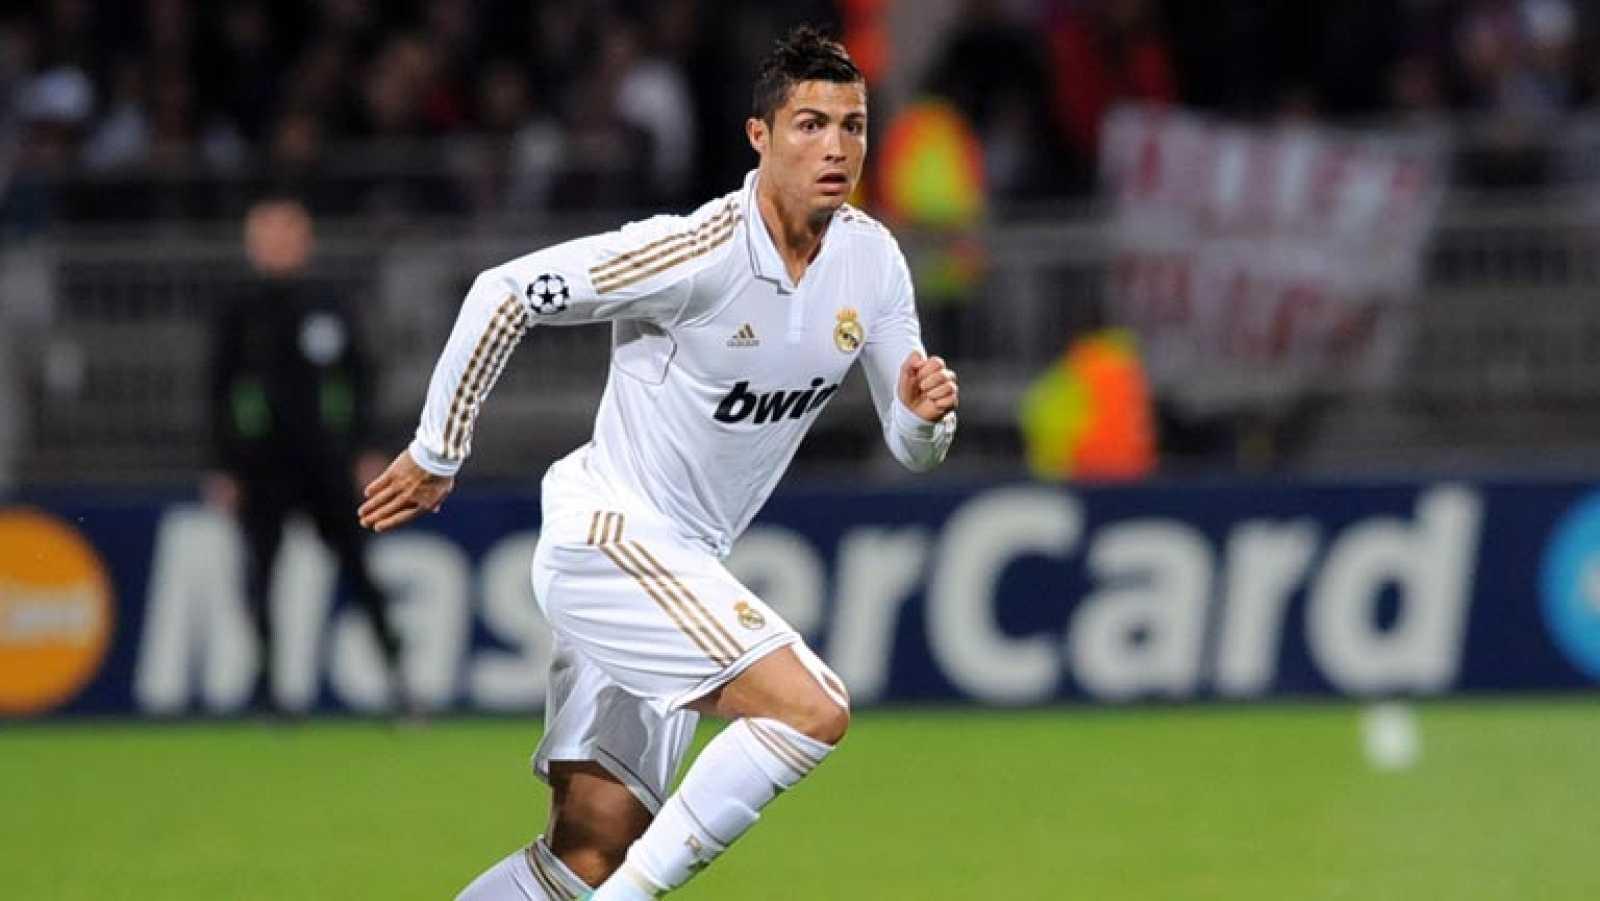 Cristiano, goleador centenario